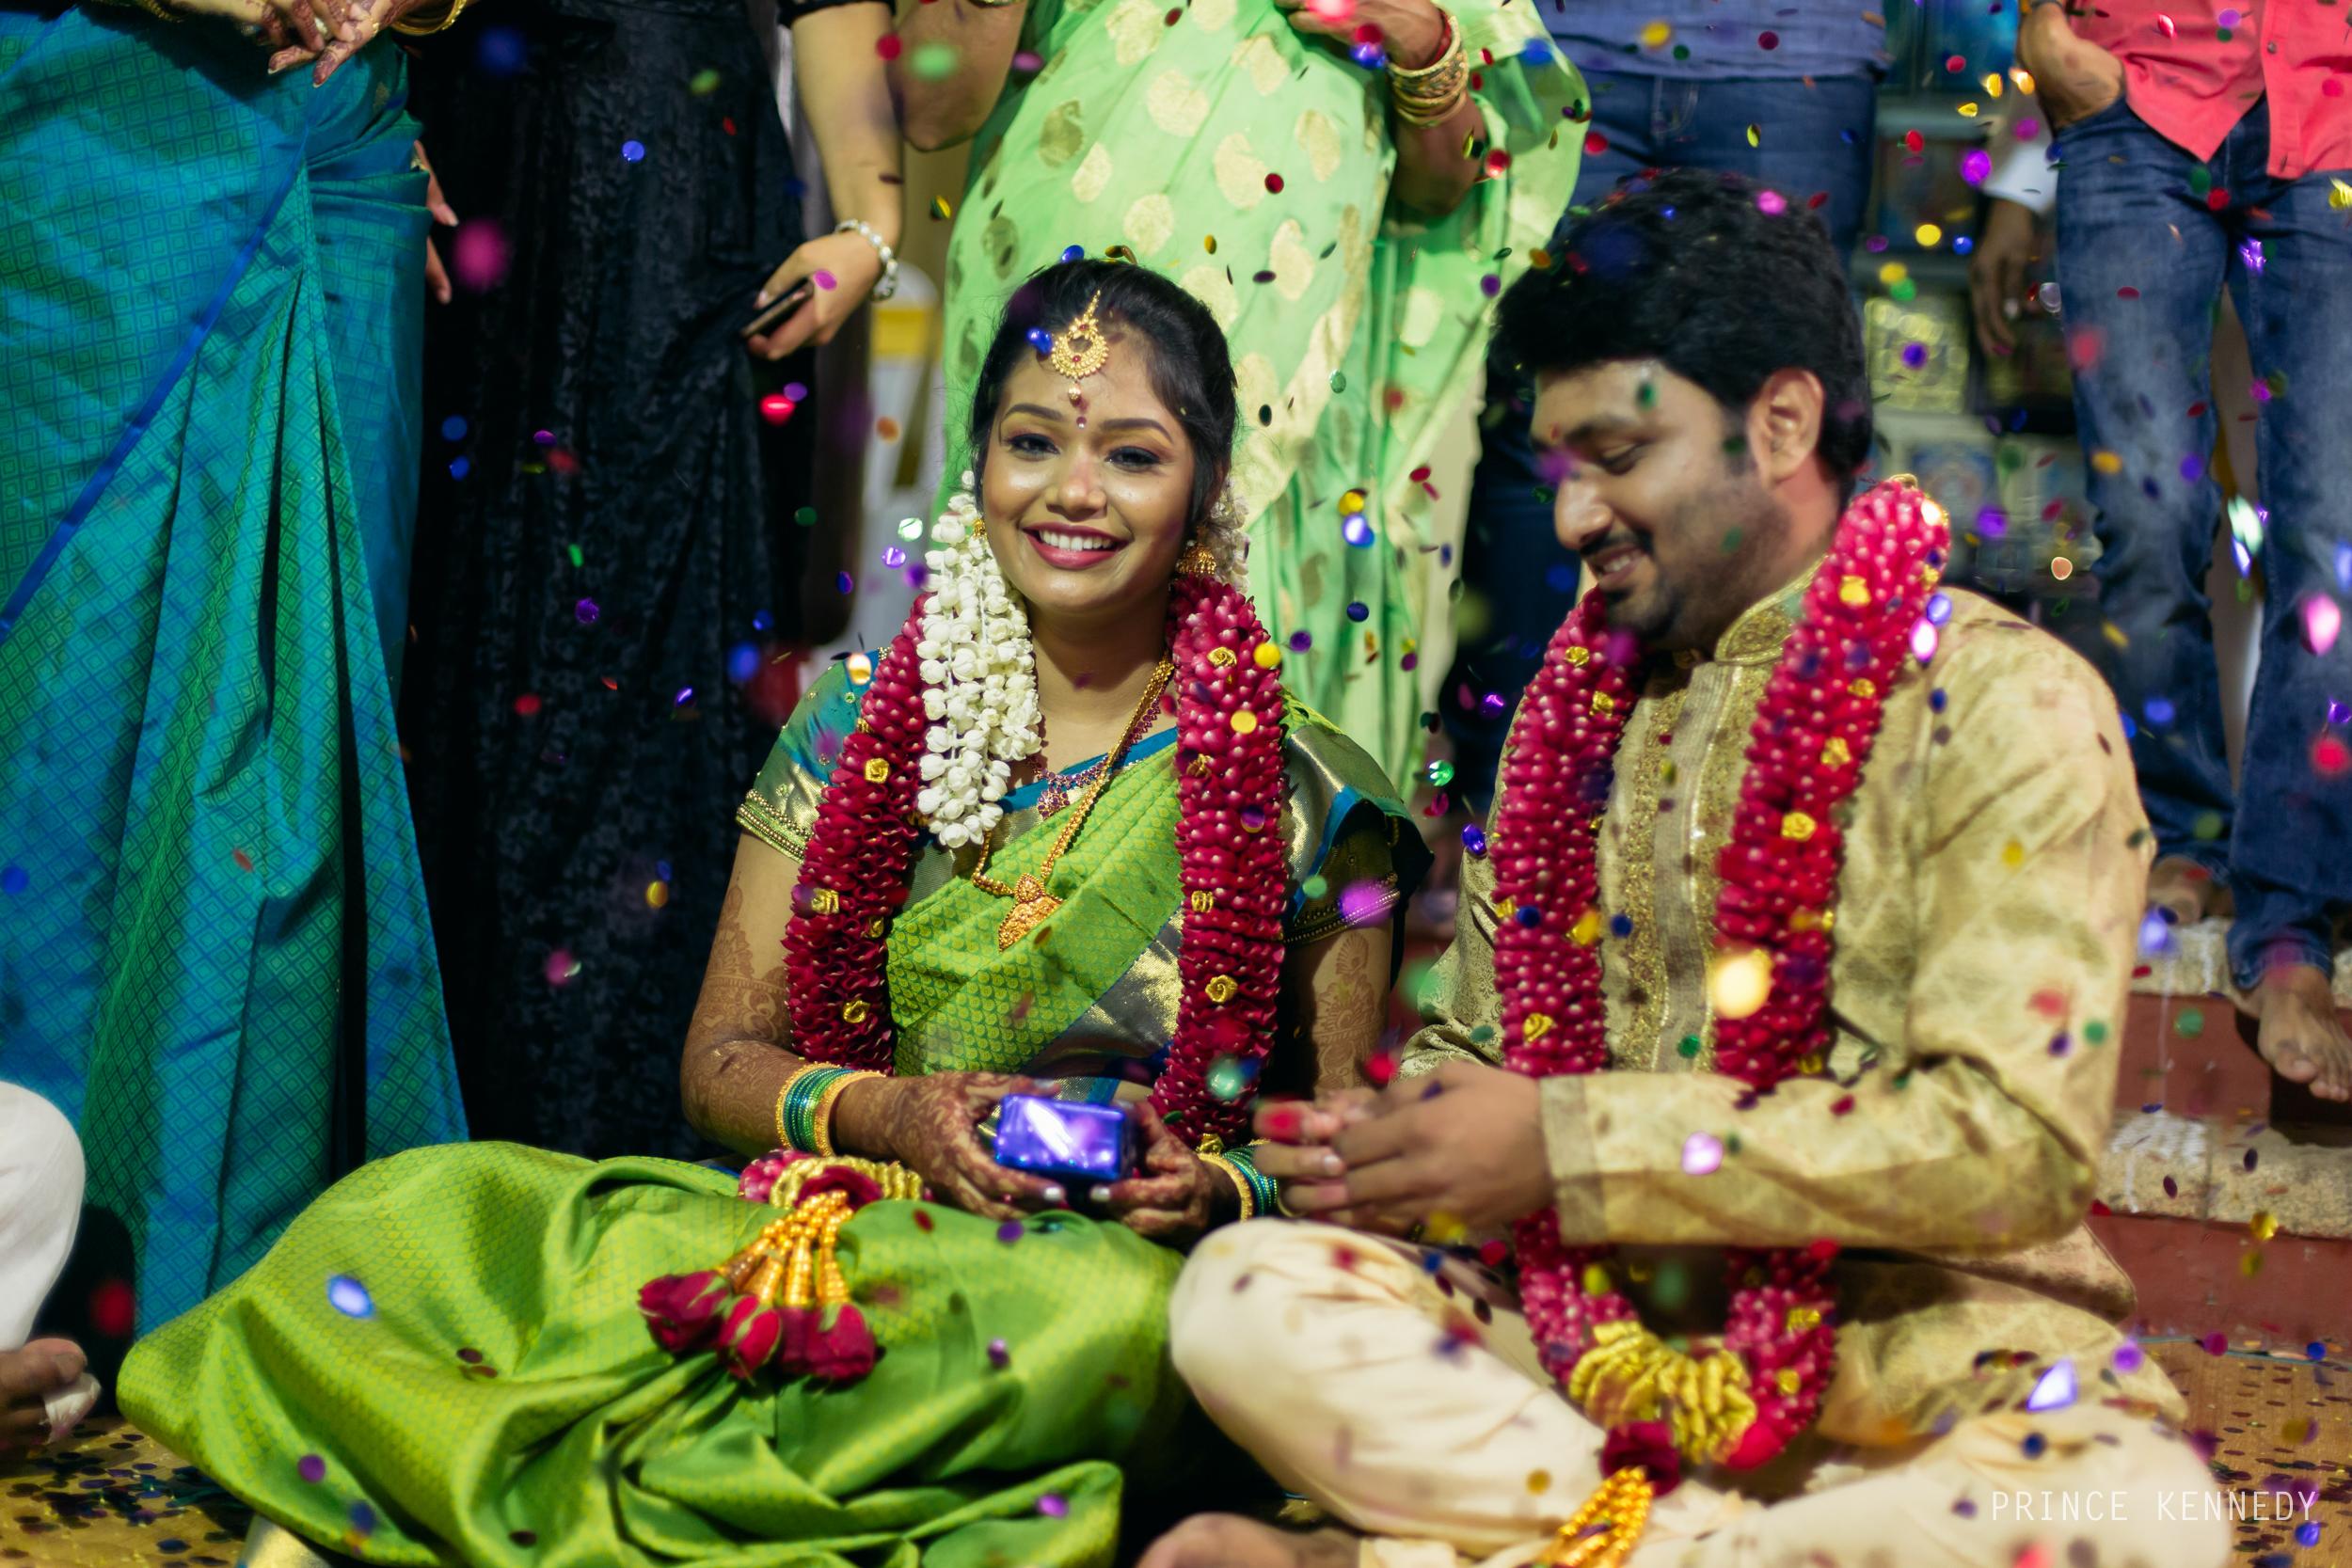 Engagement-Couple-Portrait-Portraiture-Wedding-Couple-Portrait-Chennai-Photographer-Candid-Photography-Destination-Best-Prince-Kennedy-Photography-250.jpg